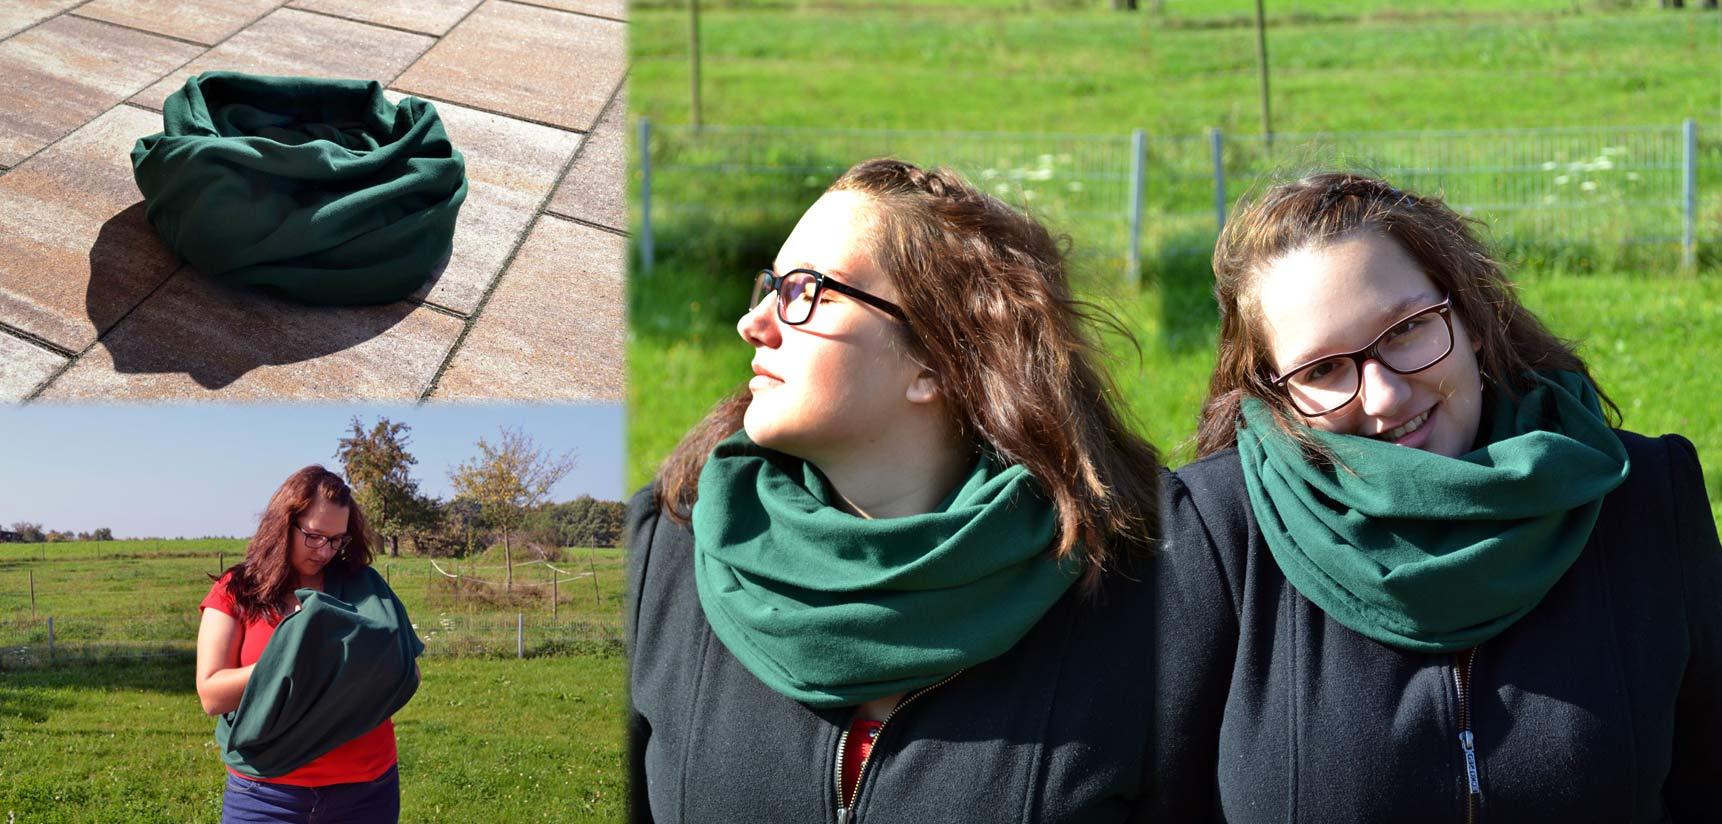 Der-Still-Loop - Kuschelweich für kalte Herbsttage und schützt vor fremden Blicken bei Stillen.